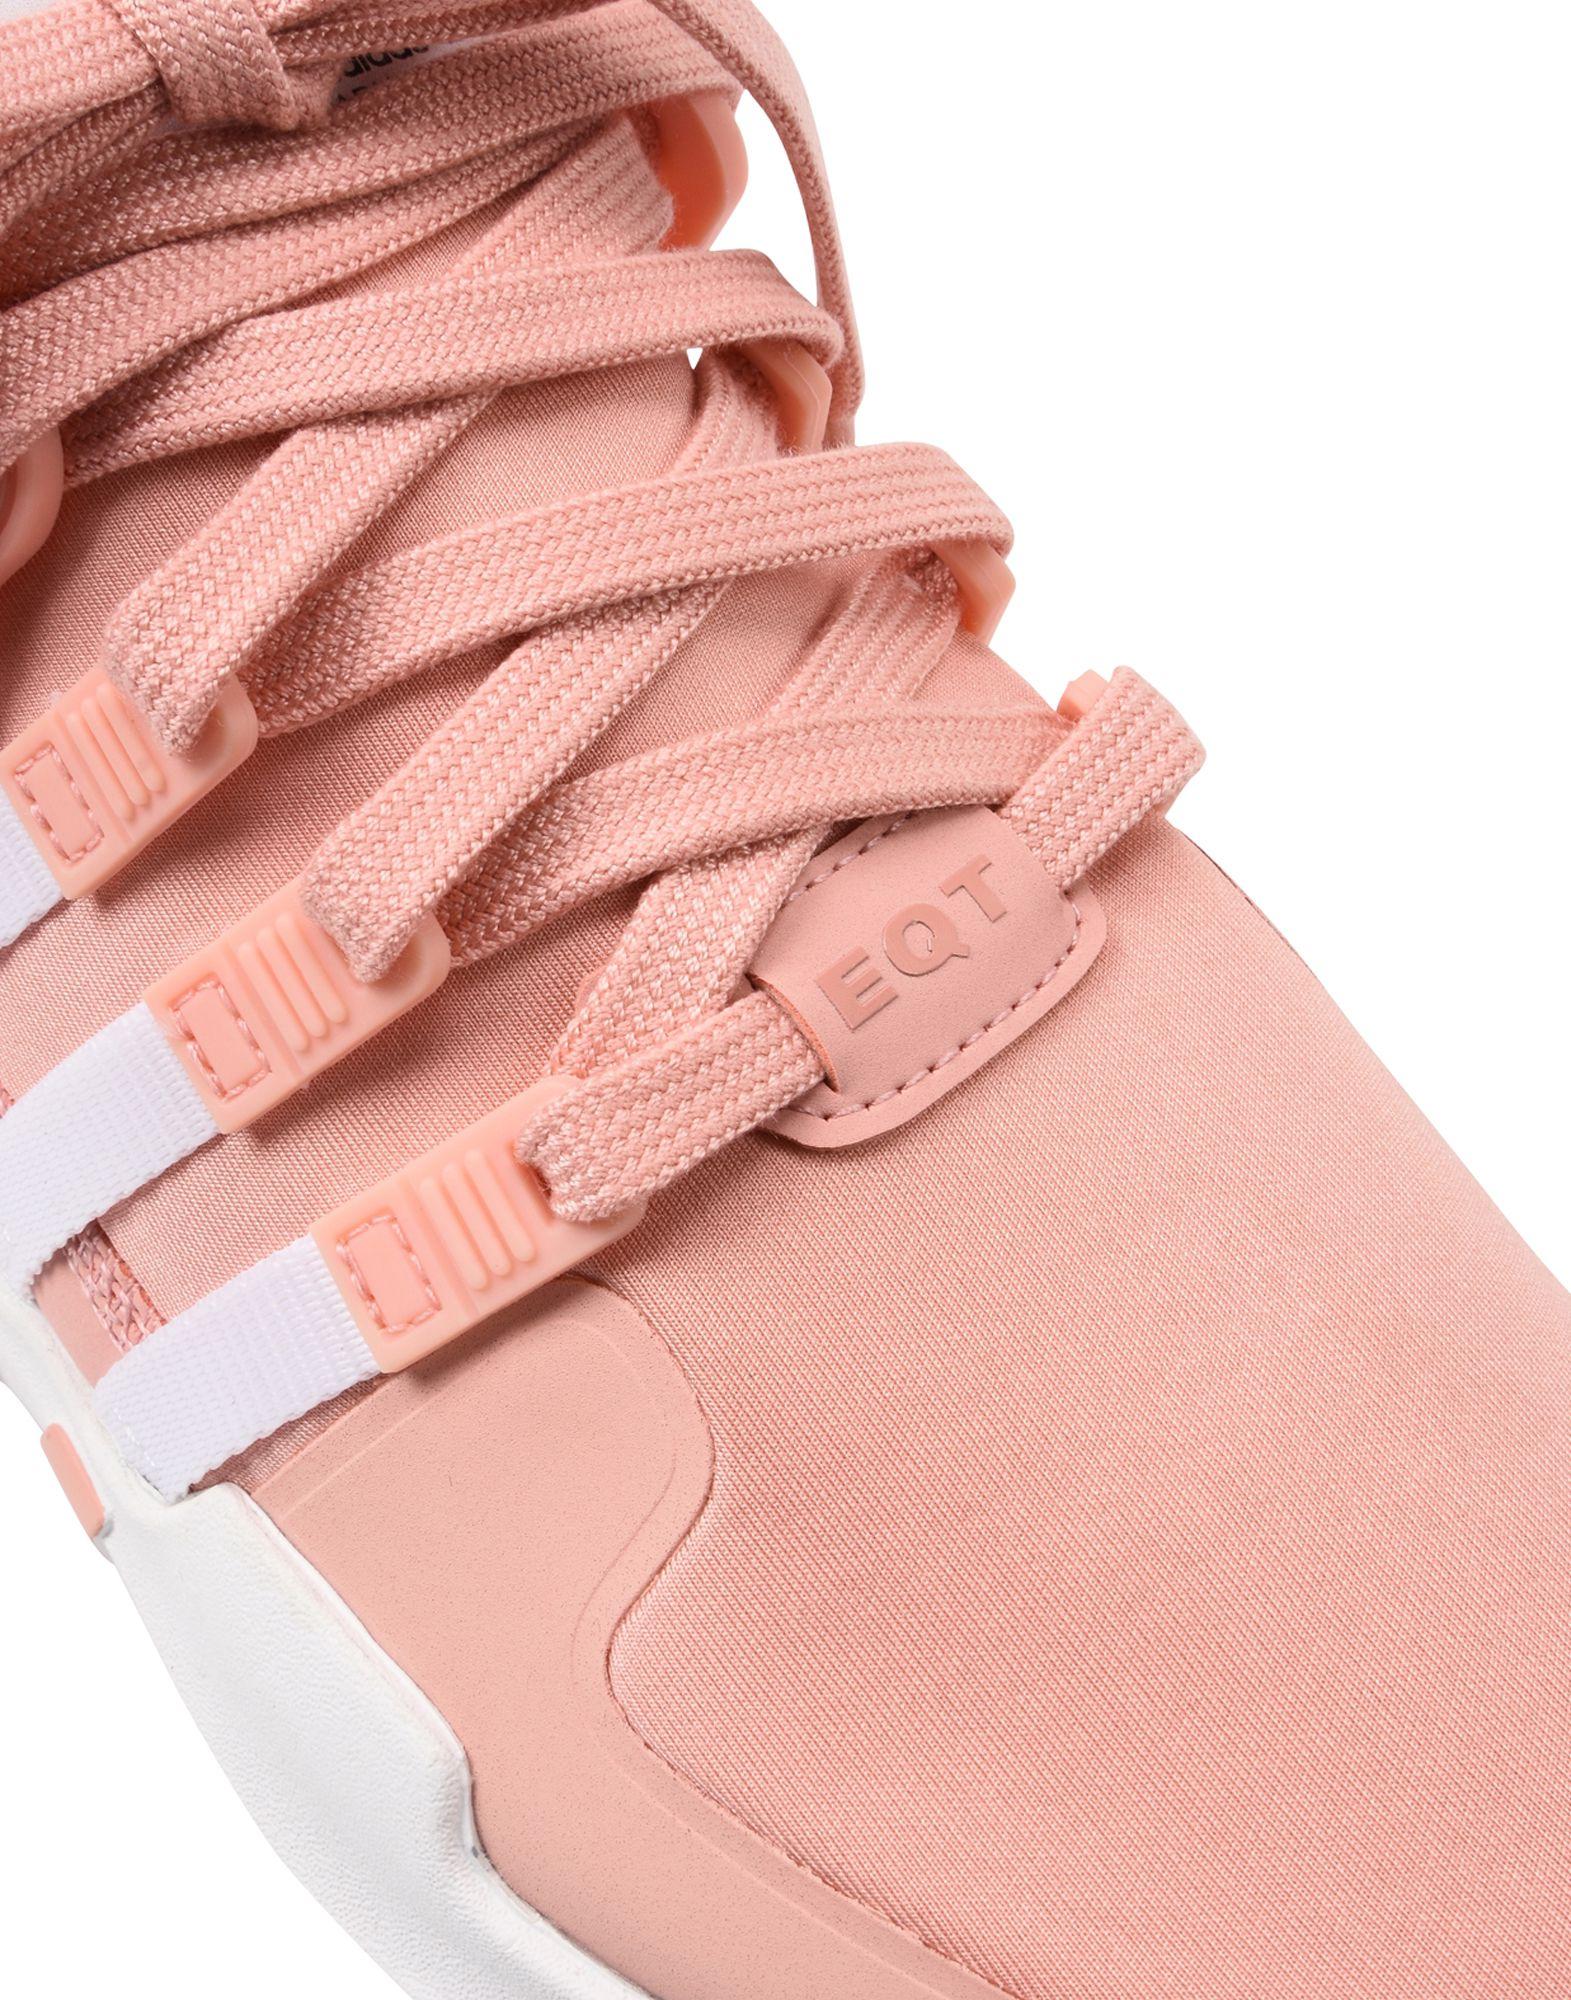 Gut um billige Schuhe zu Adv tragenAdidas Originals Eqt Support Adv zu  11533819FT 1c4239